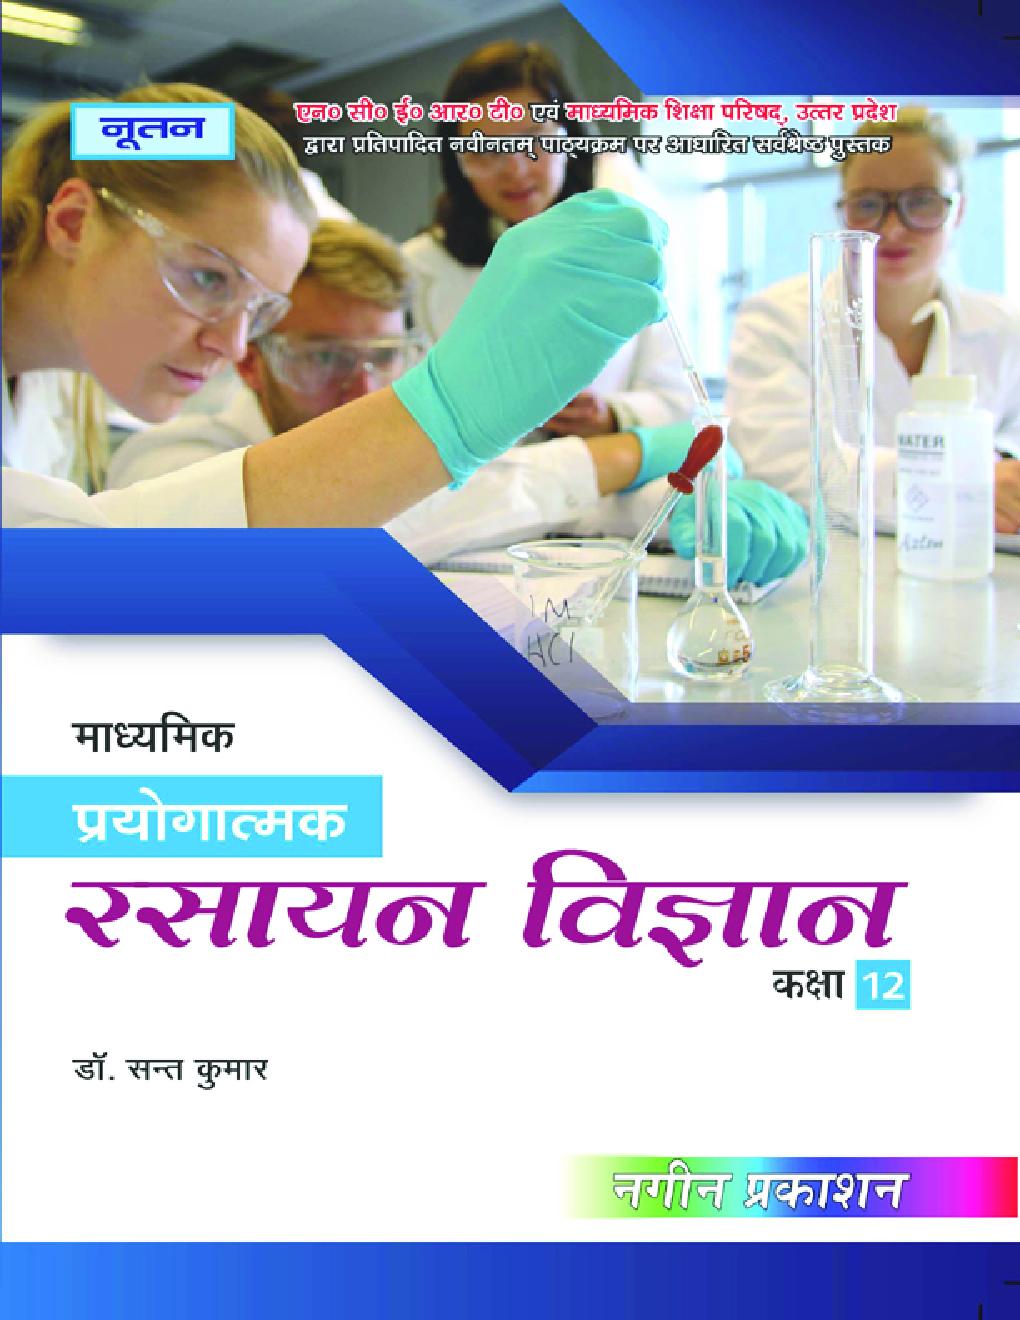 UP Board माध्यमिक प्रयोगात्मक रसायन विज्ञान For Class - XII - Page 1